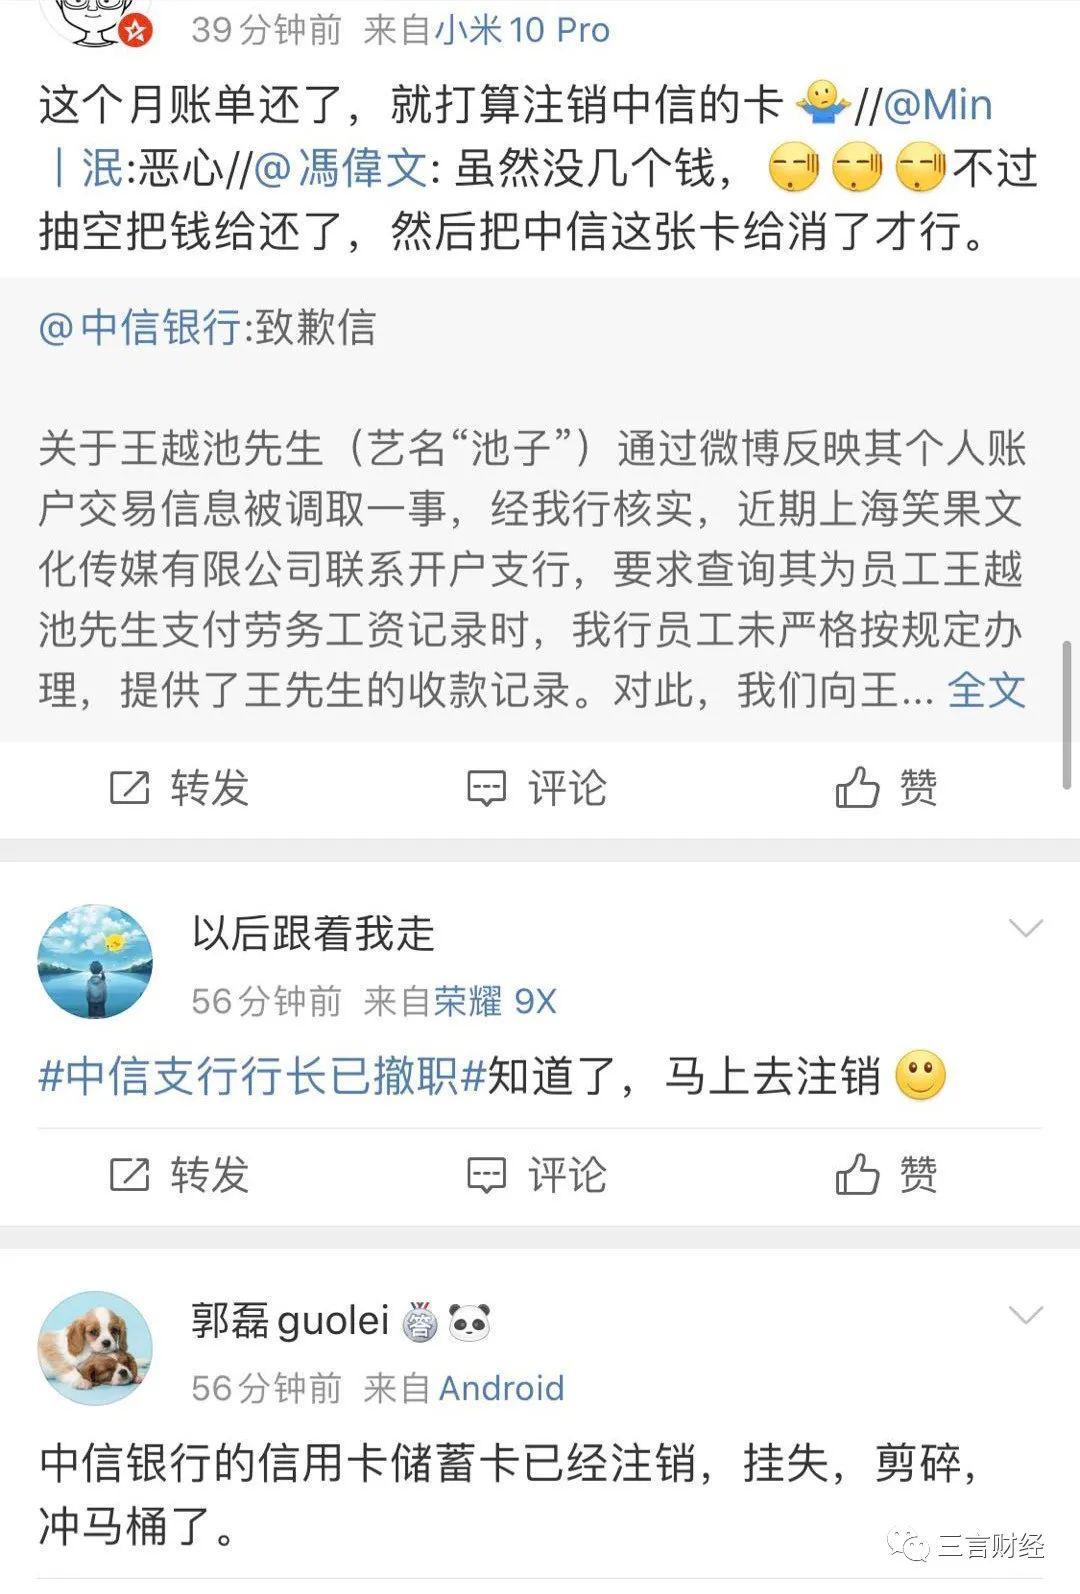 中信银行借记卡网上激活操作流程-卡宝宝手机网